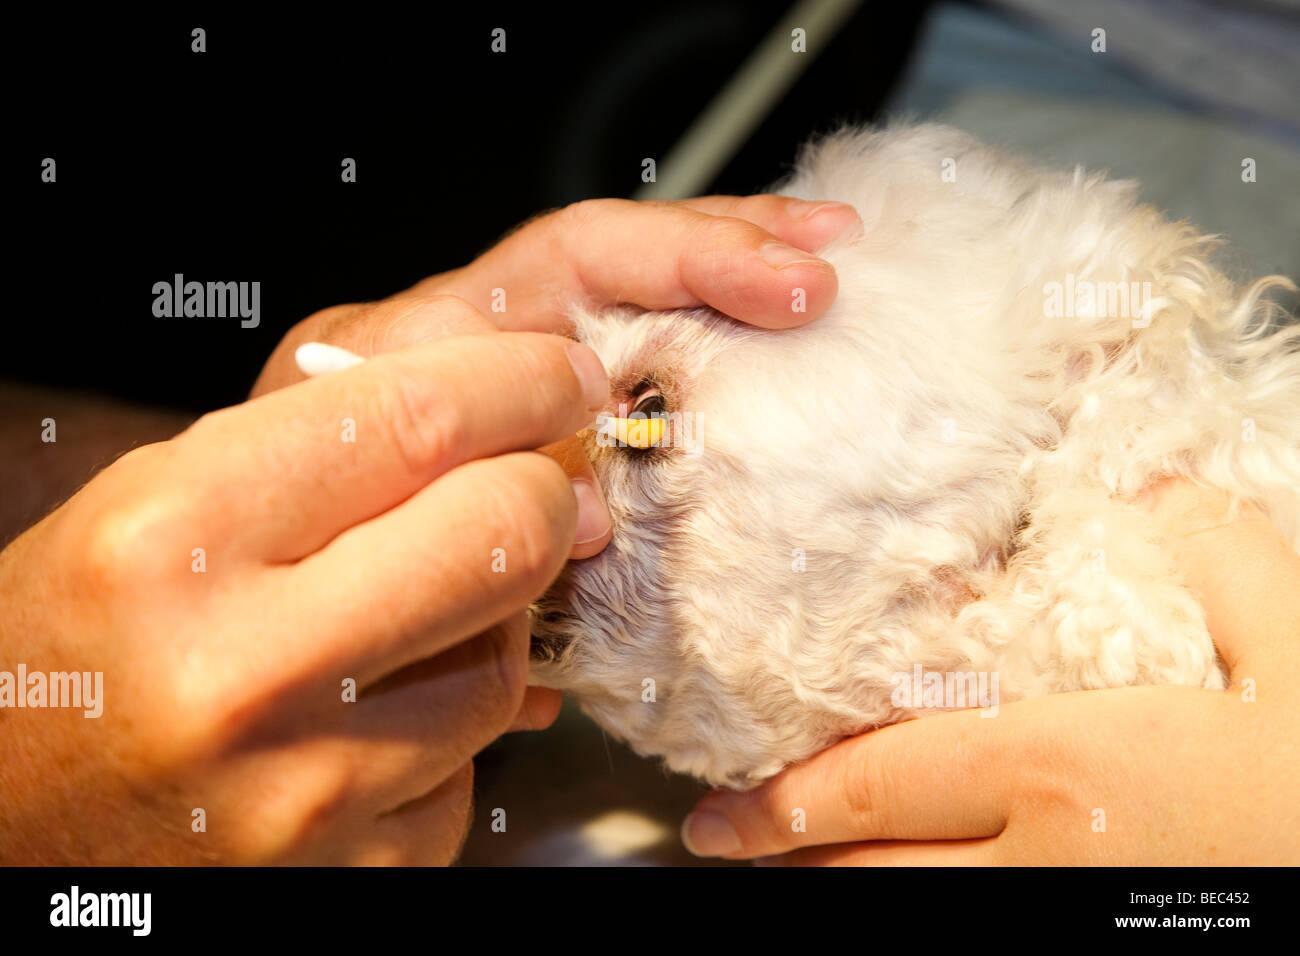 Le débridement du un ulcère cornéen dans un chien Banque D'Images ...